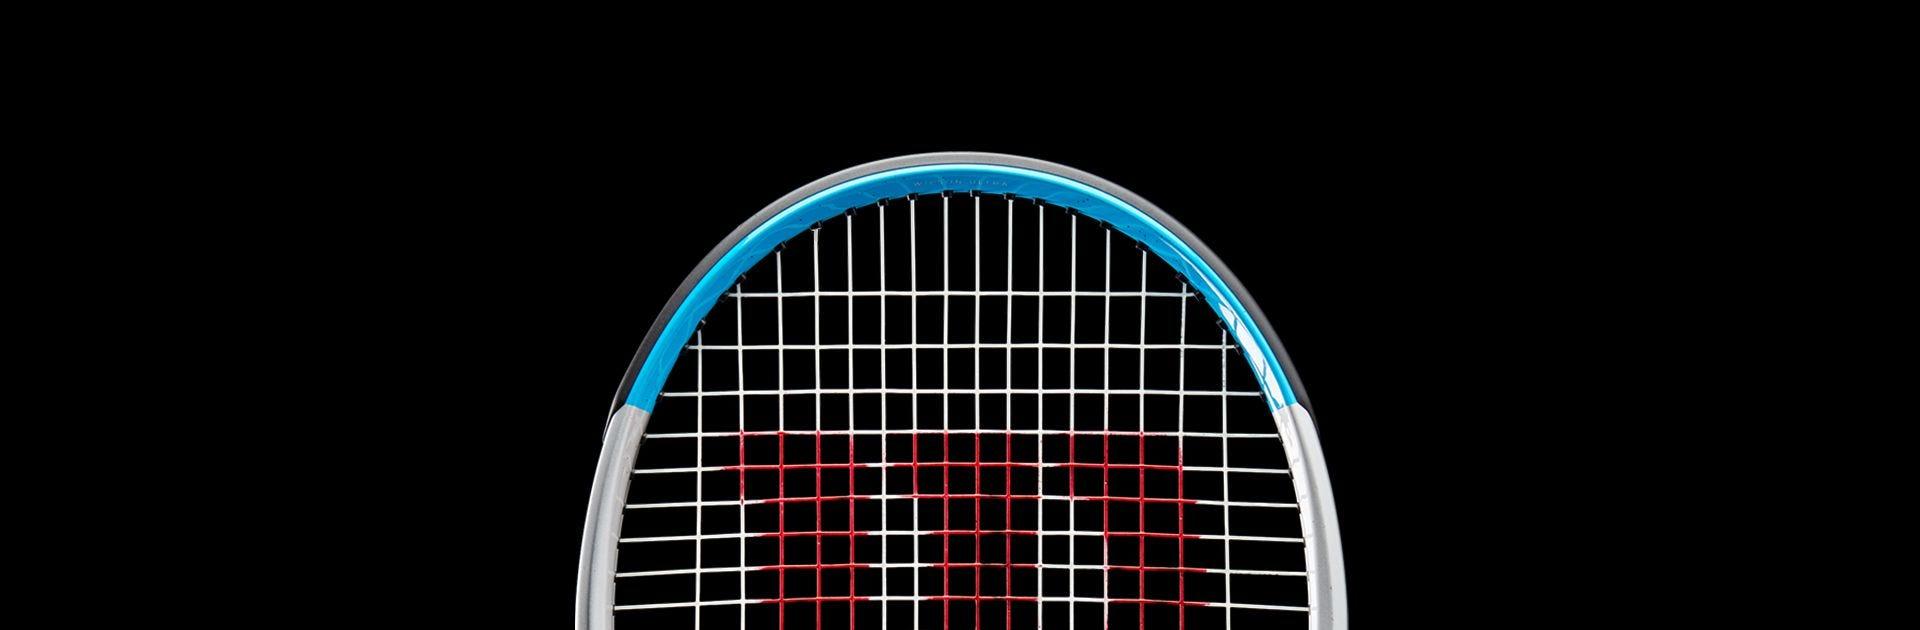 WIlson Ultra Tennis Racket